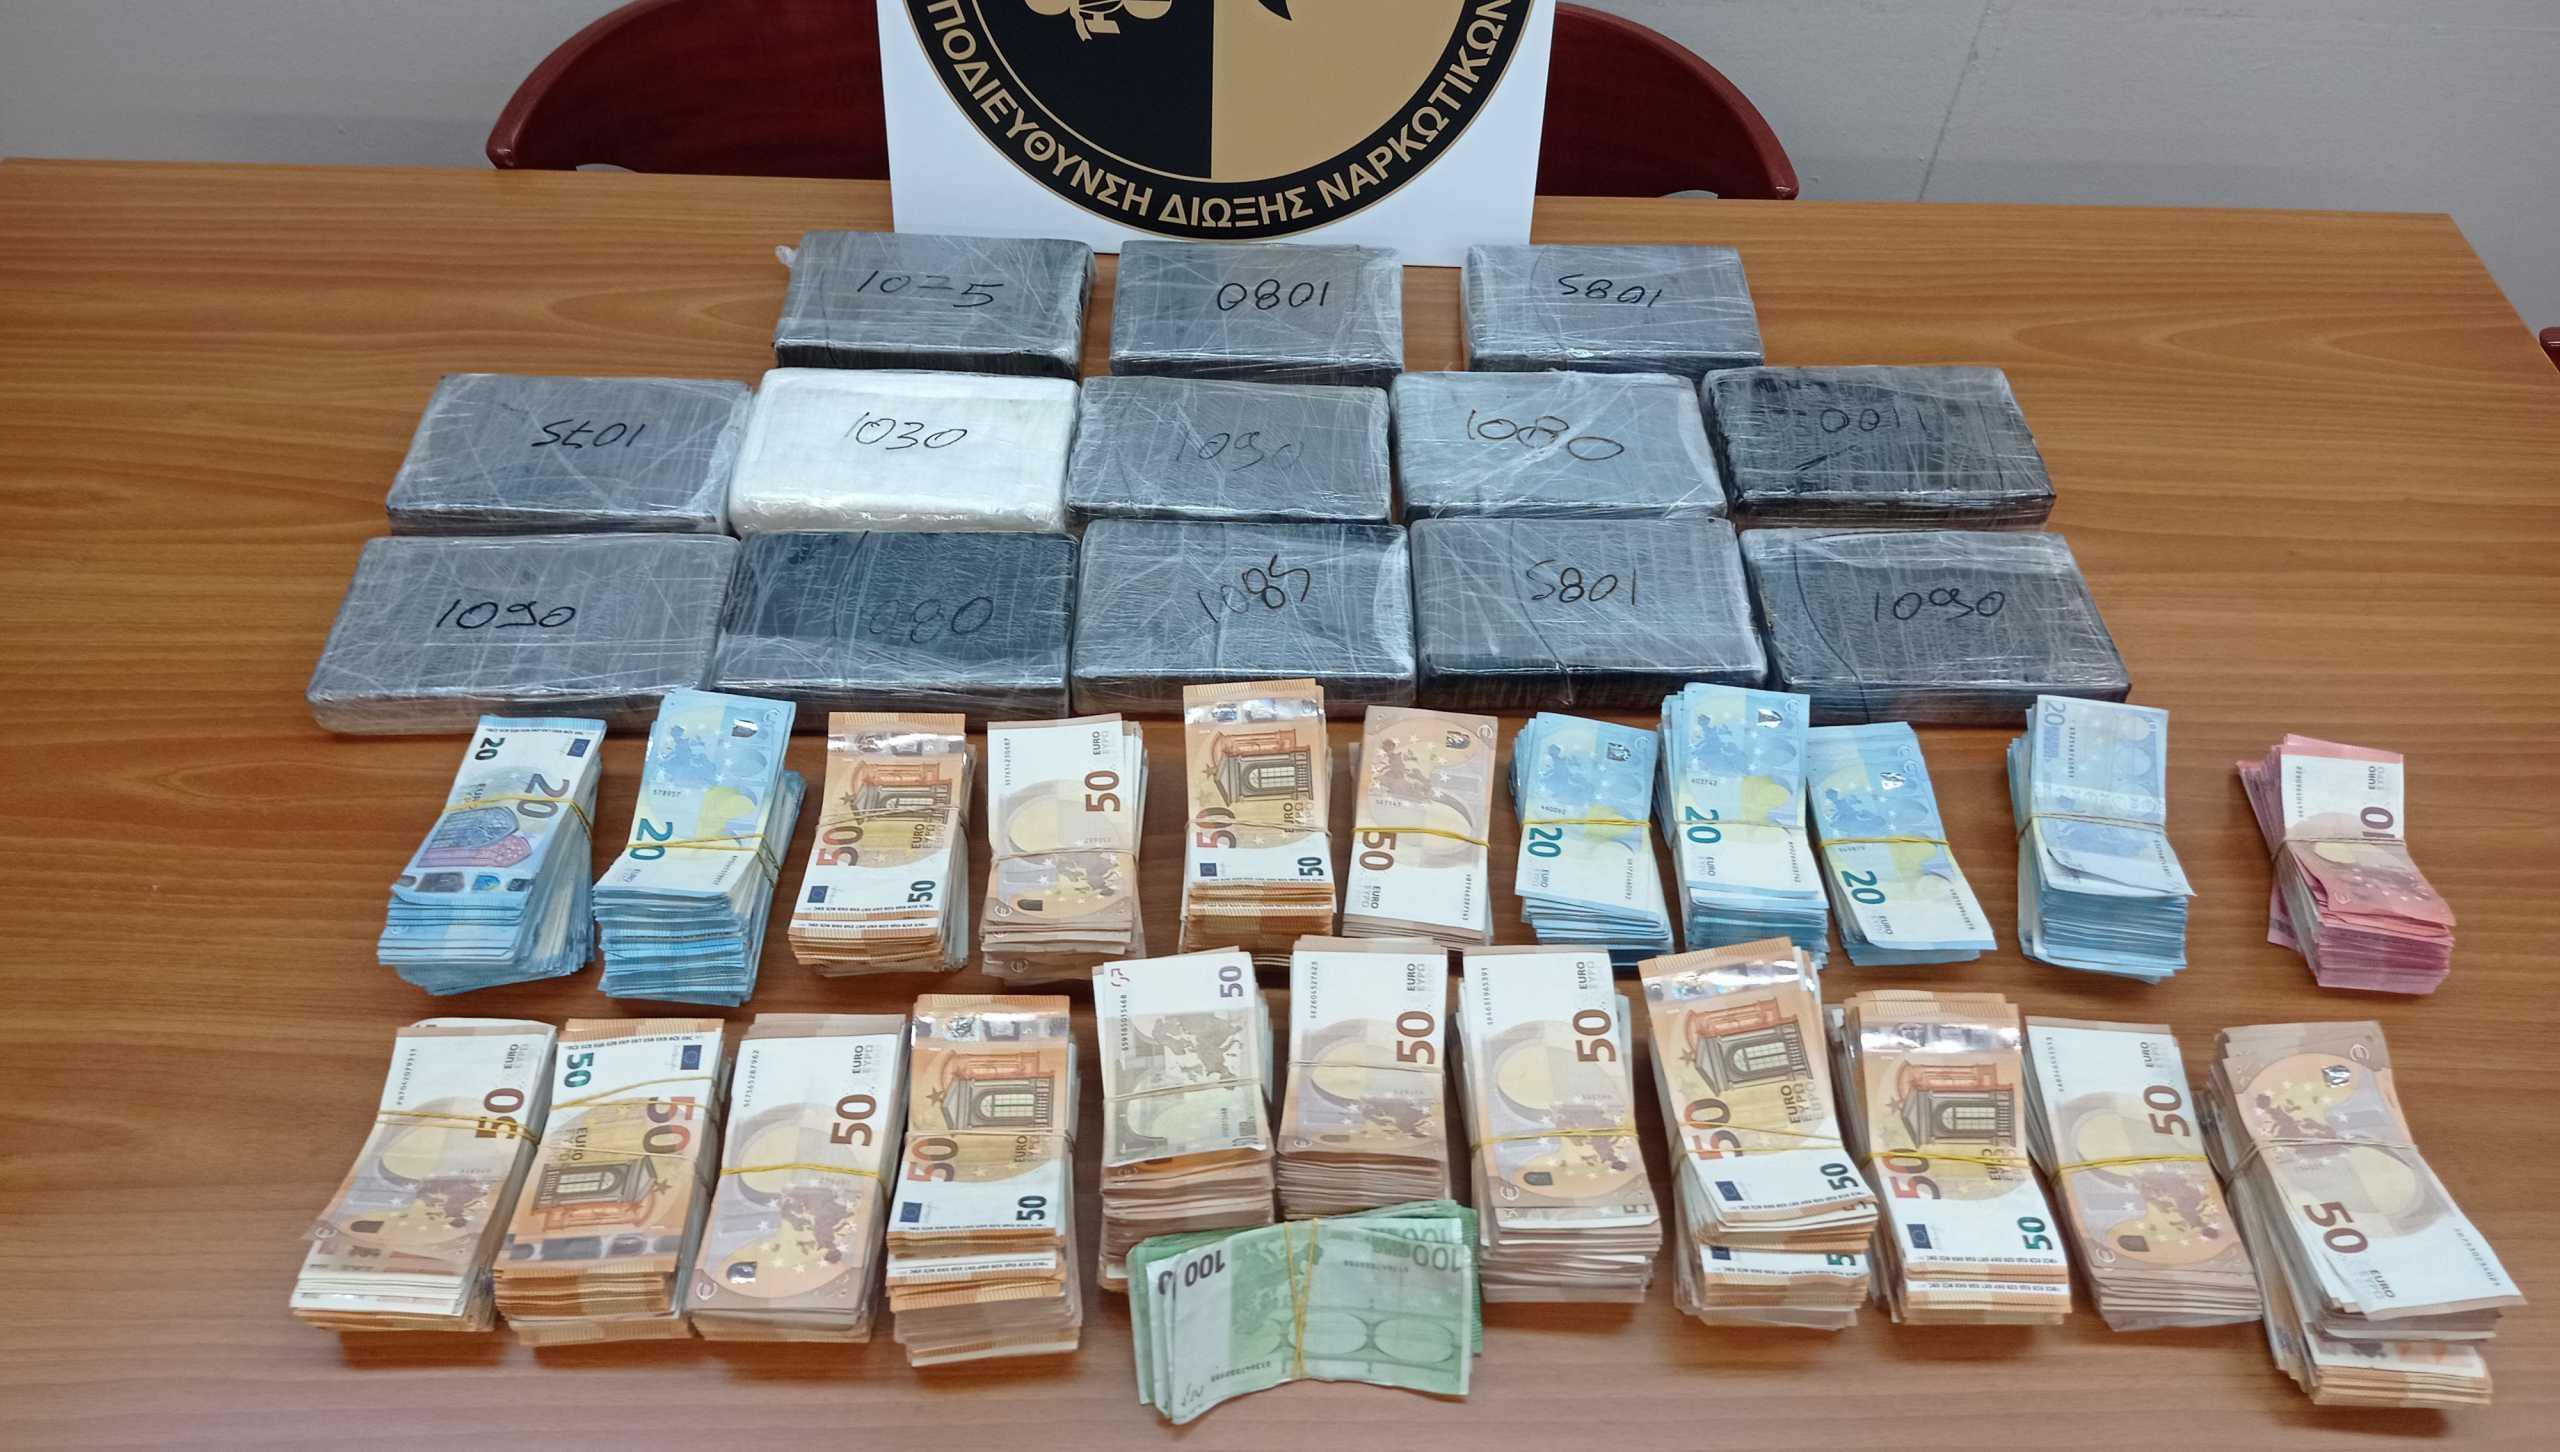 «Τσάκωσαν» οδηγό φορτηγού με 14 κιλά κοκαΐνη και εκατοντάδες χιλιάδες ευρώ (pics, video)